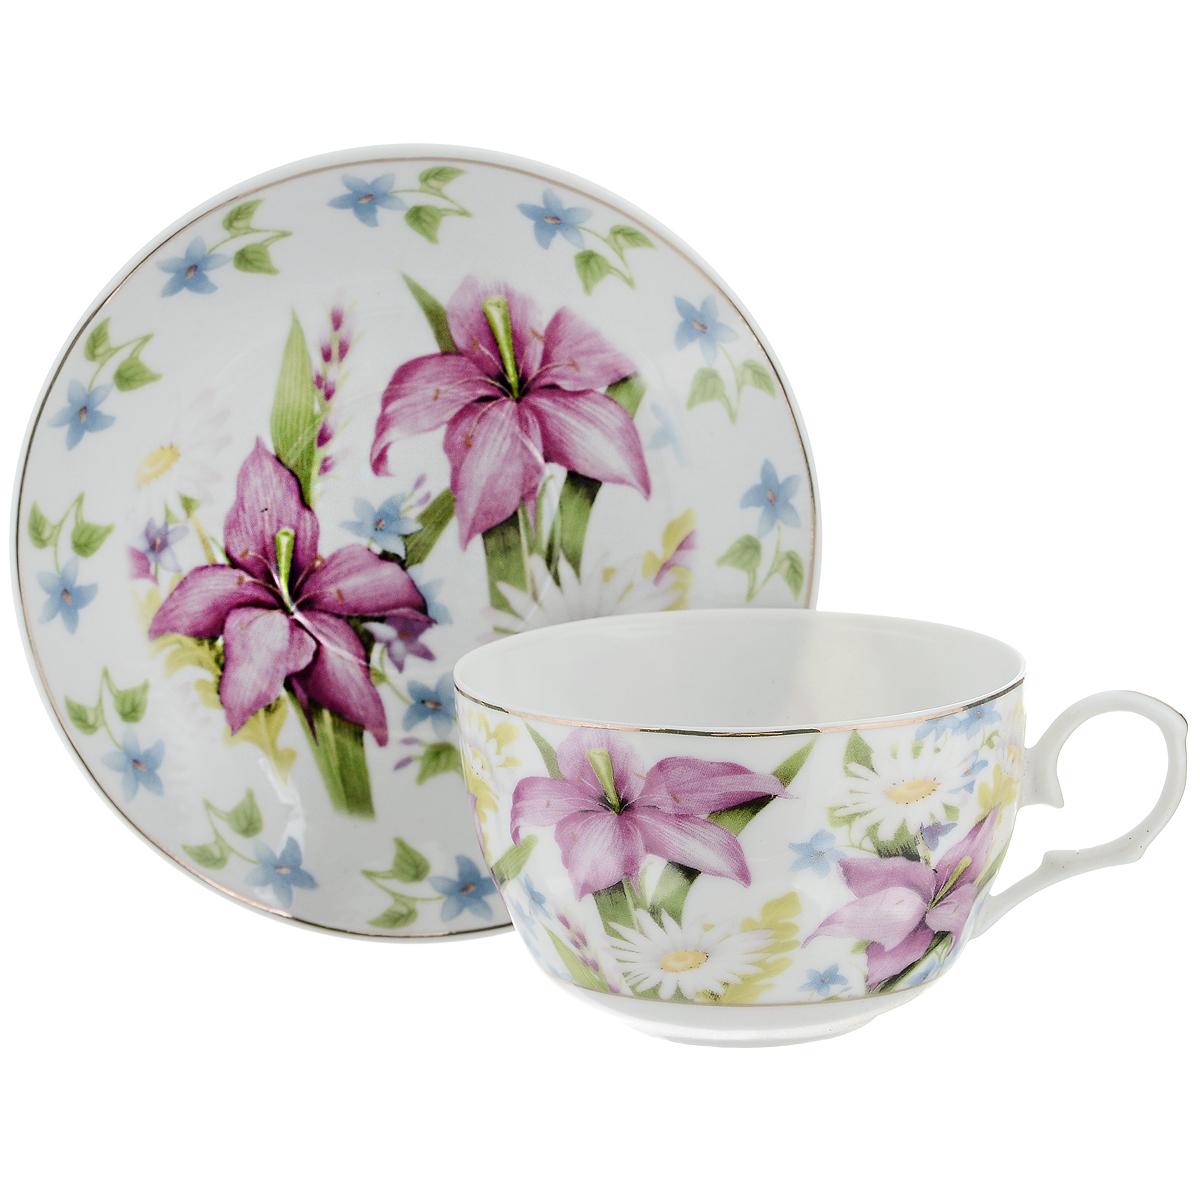 Набор чайный Briswild Лилии, 2 предмета523-095Чайный набор Briswild Лилии состоит из чашки и блюдца. Изделия выполнены из высококачественного фарфора и оформлены красочным изображением лилий. Изящный набор красиво оформит стол к чаепитию и станет приятным подарком к любому случаю. Не использовать в микроволновой печи. Не применять абразивные моющие средства.